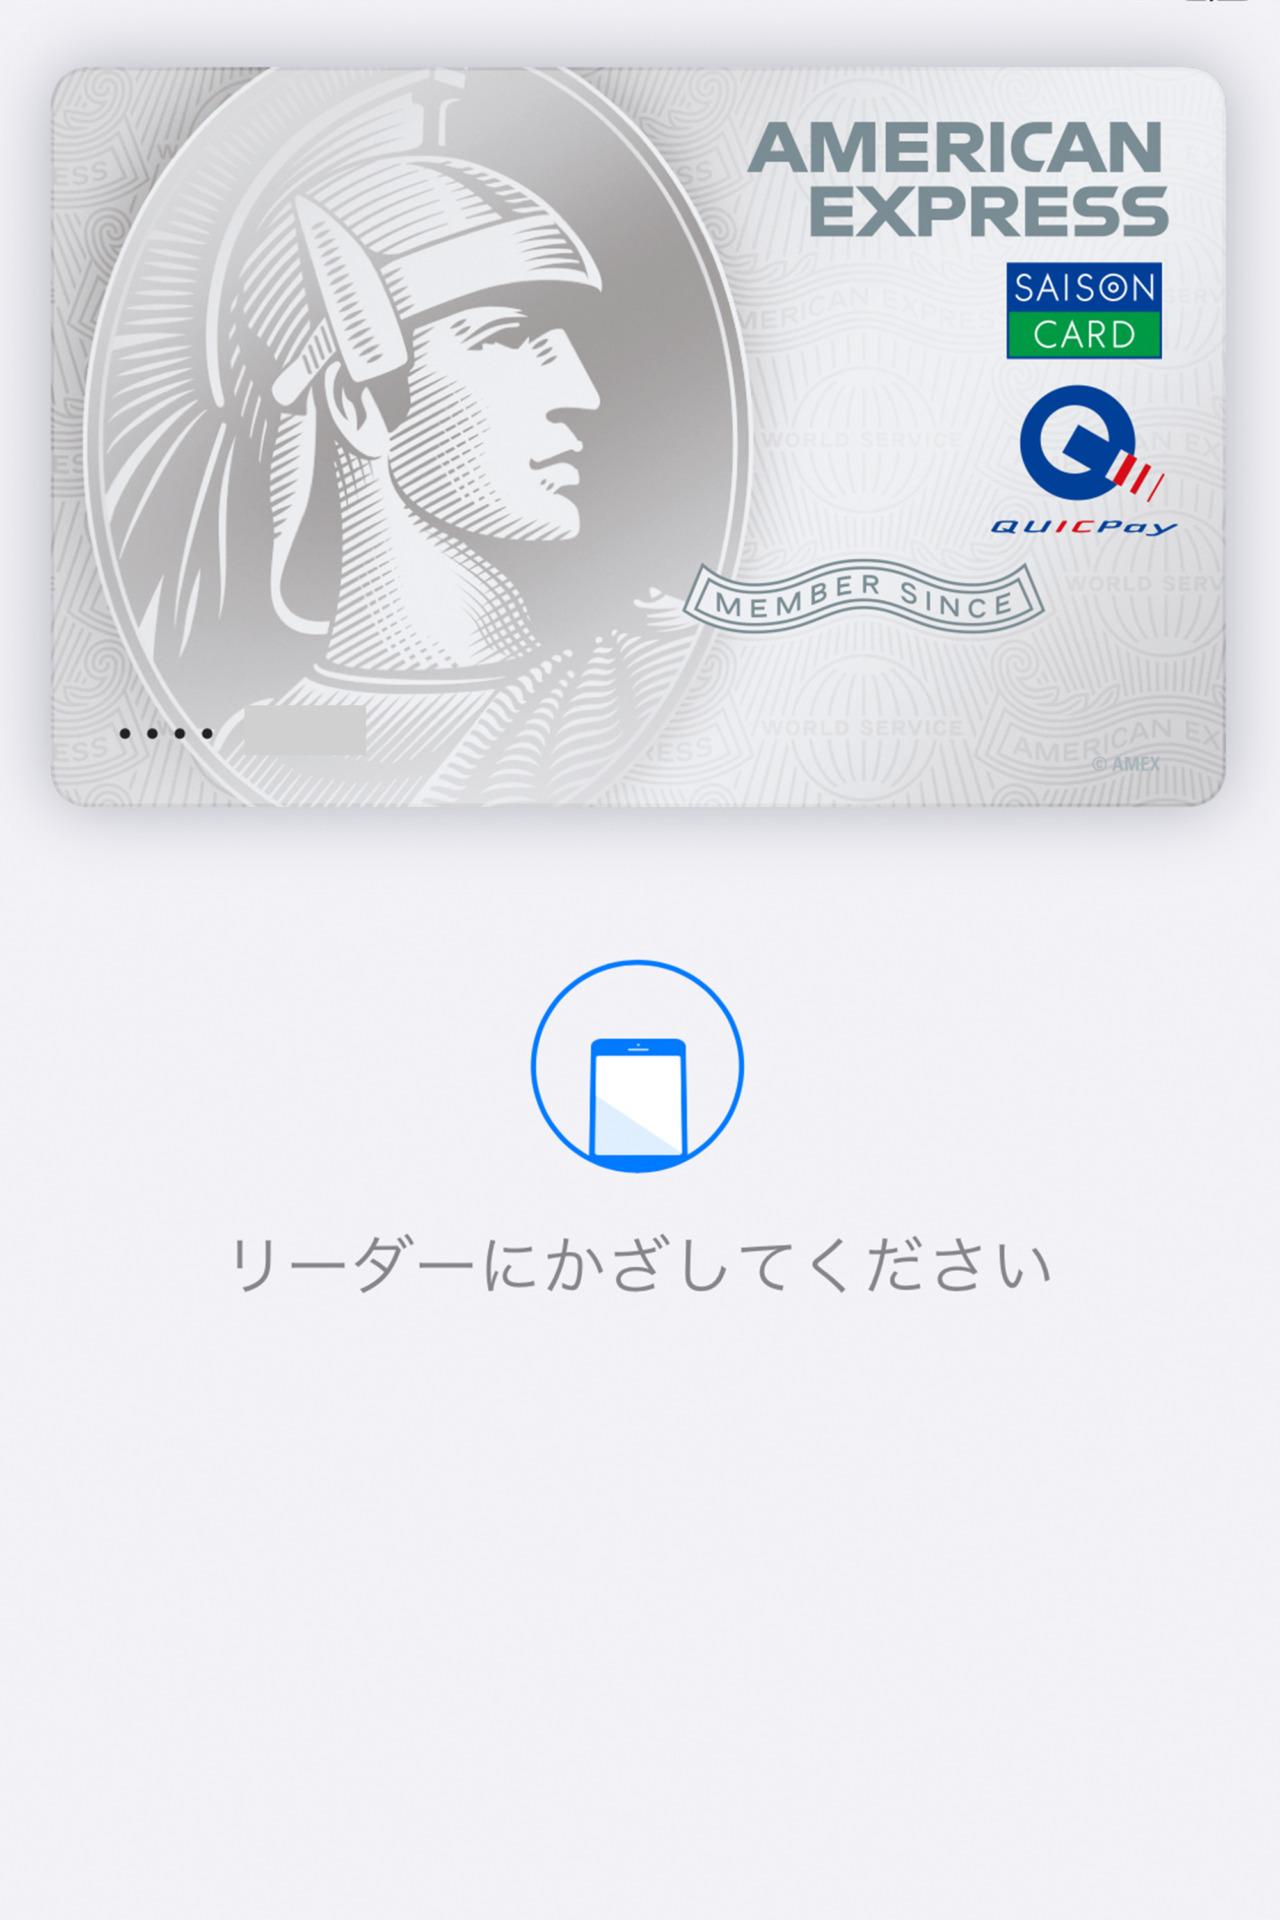 セゾンパールアメックスカード Digital(ナンバーレス)QUICPay決済